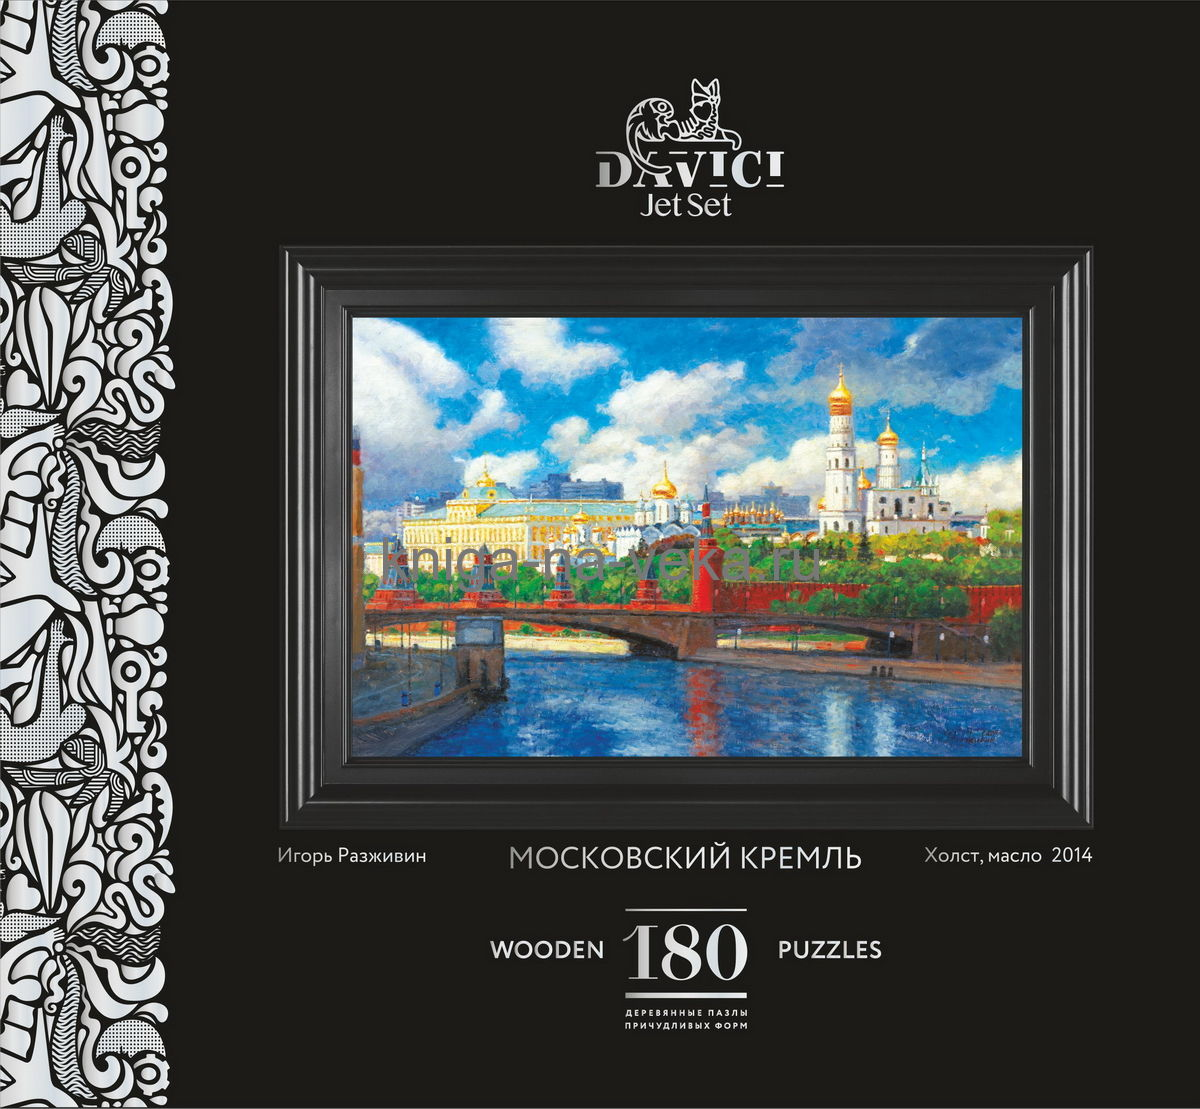 Деревянные пазлы DaVICI. Премиум-коллекция. Московский Кремль.